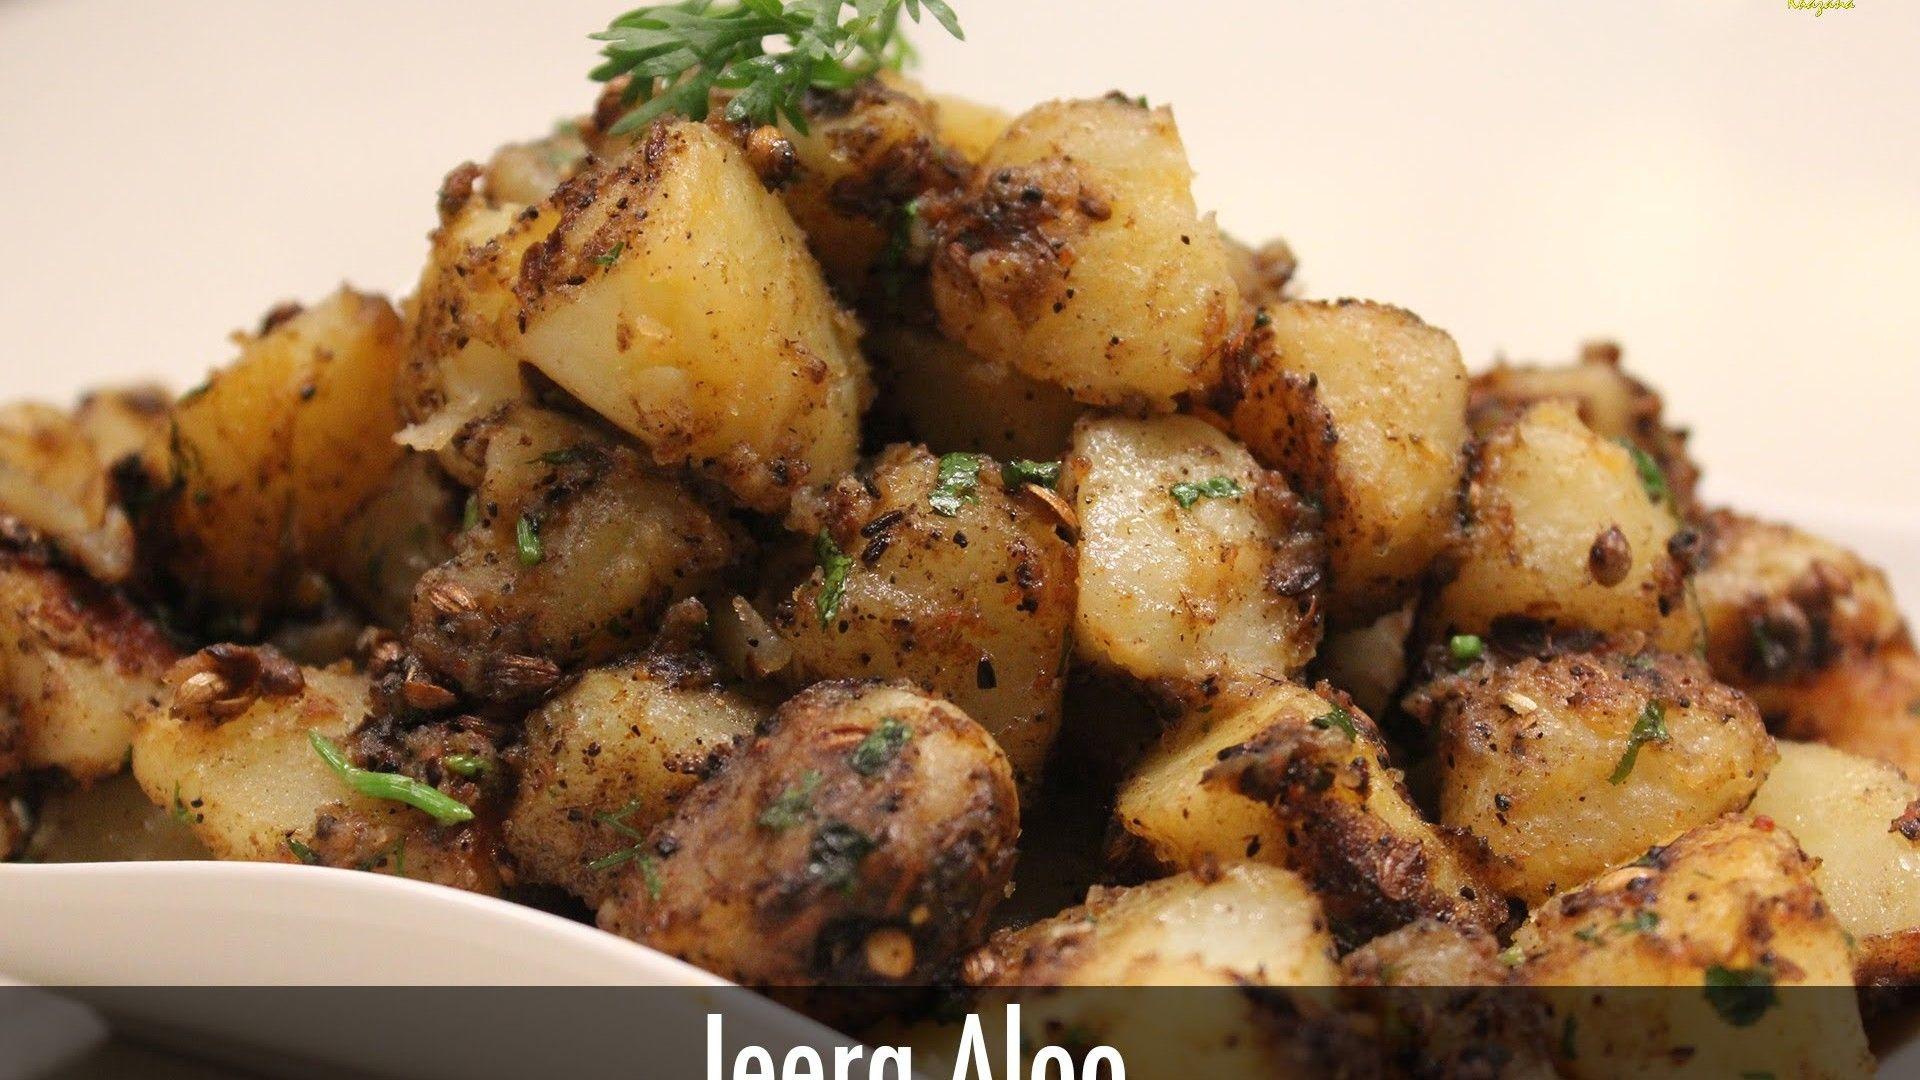 Jeera aloo vegetarian indian recipes sanjeev kapoor khazana jeera aloo vegetarian indian recipes sanjeev kapoor khazana forumfinder Gallery